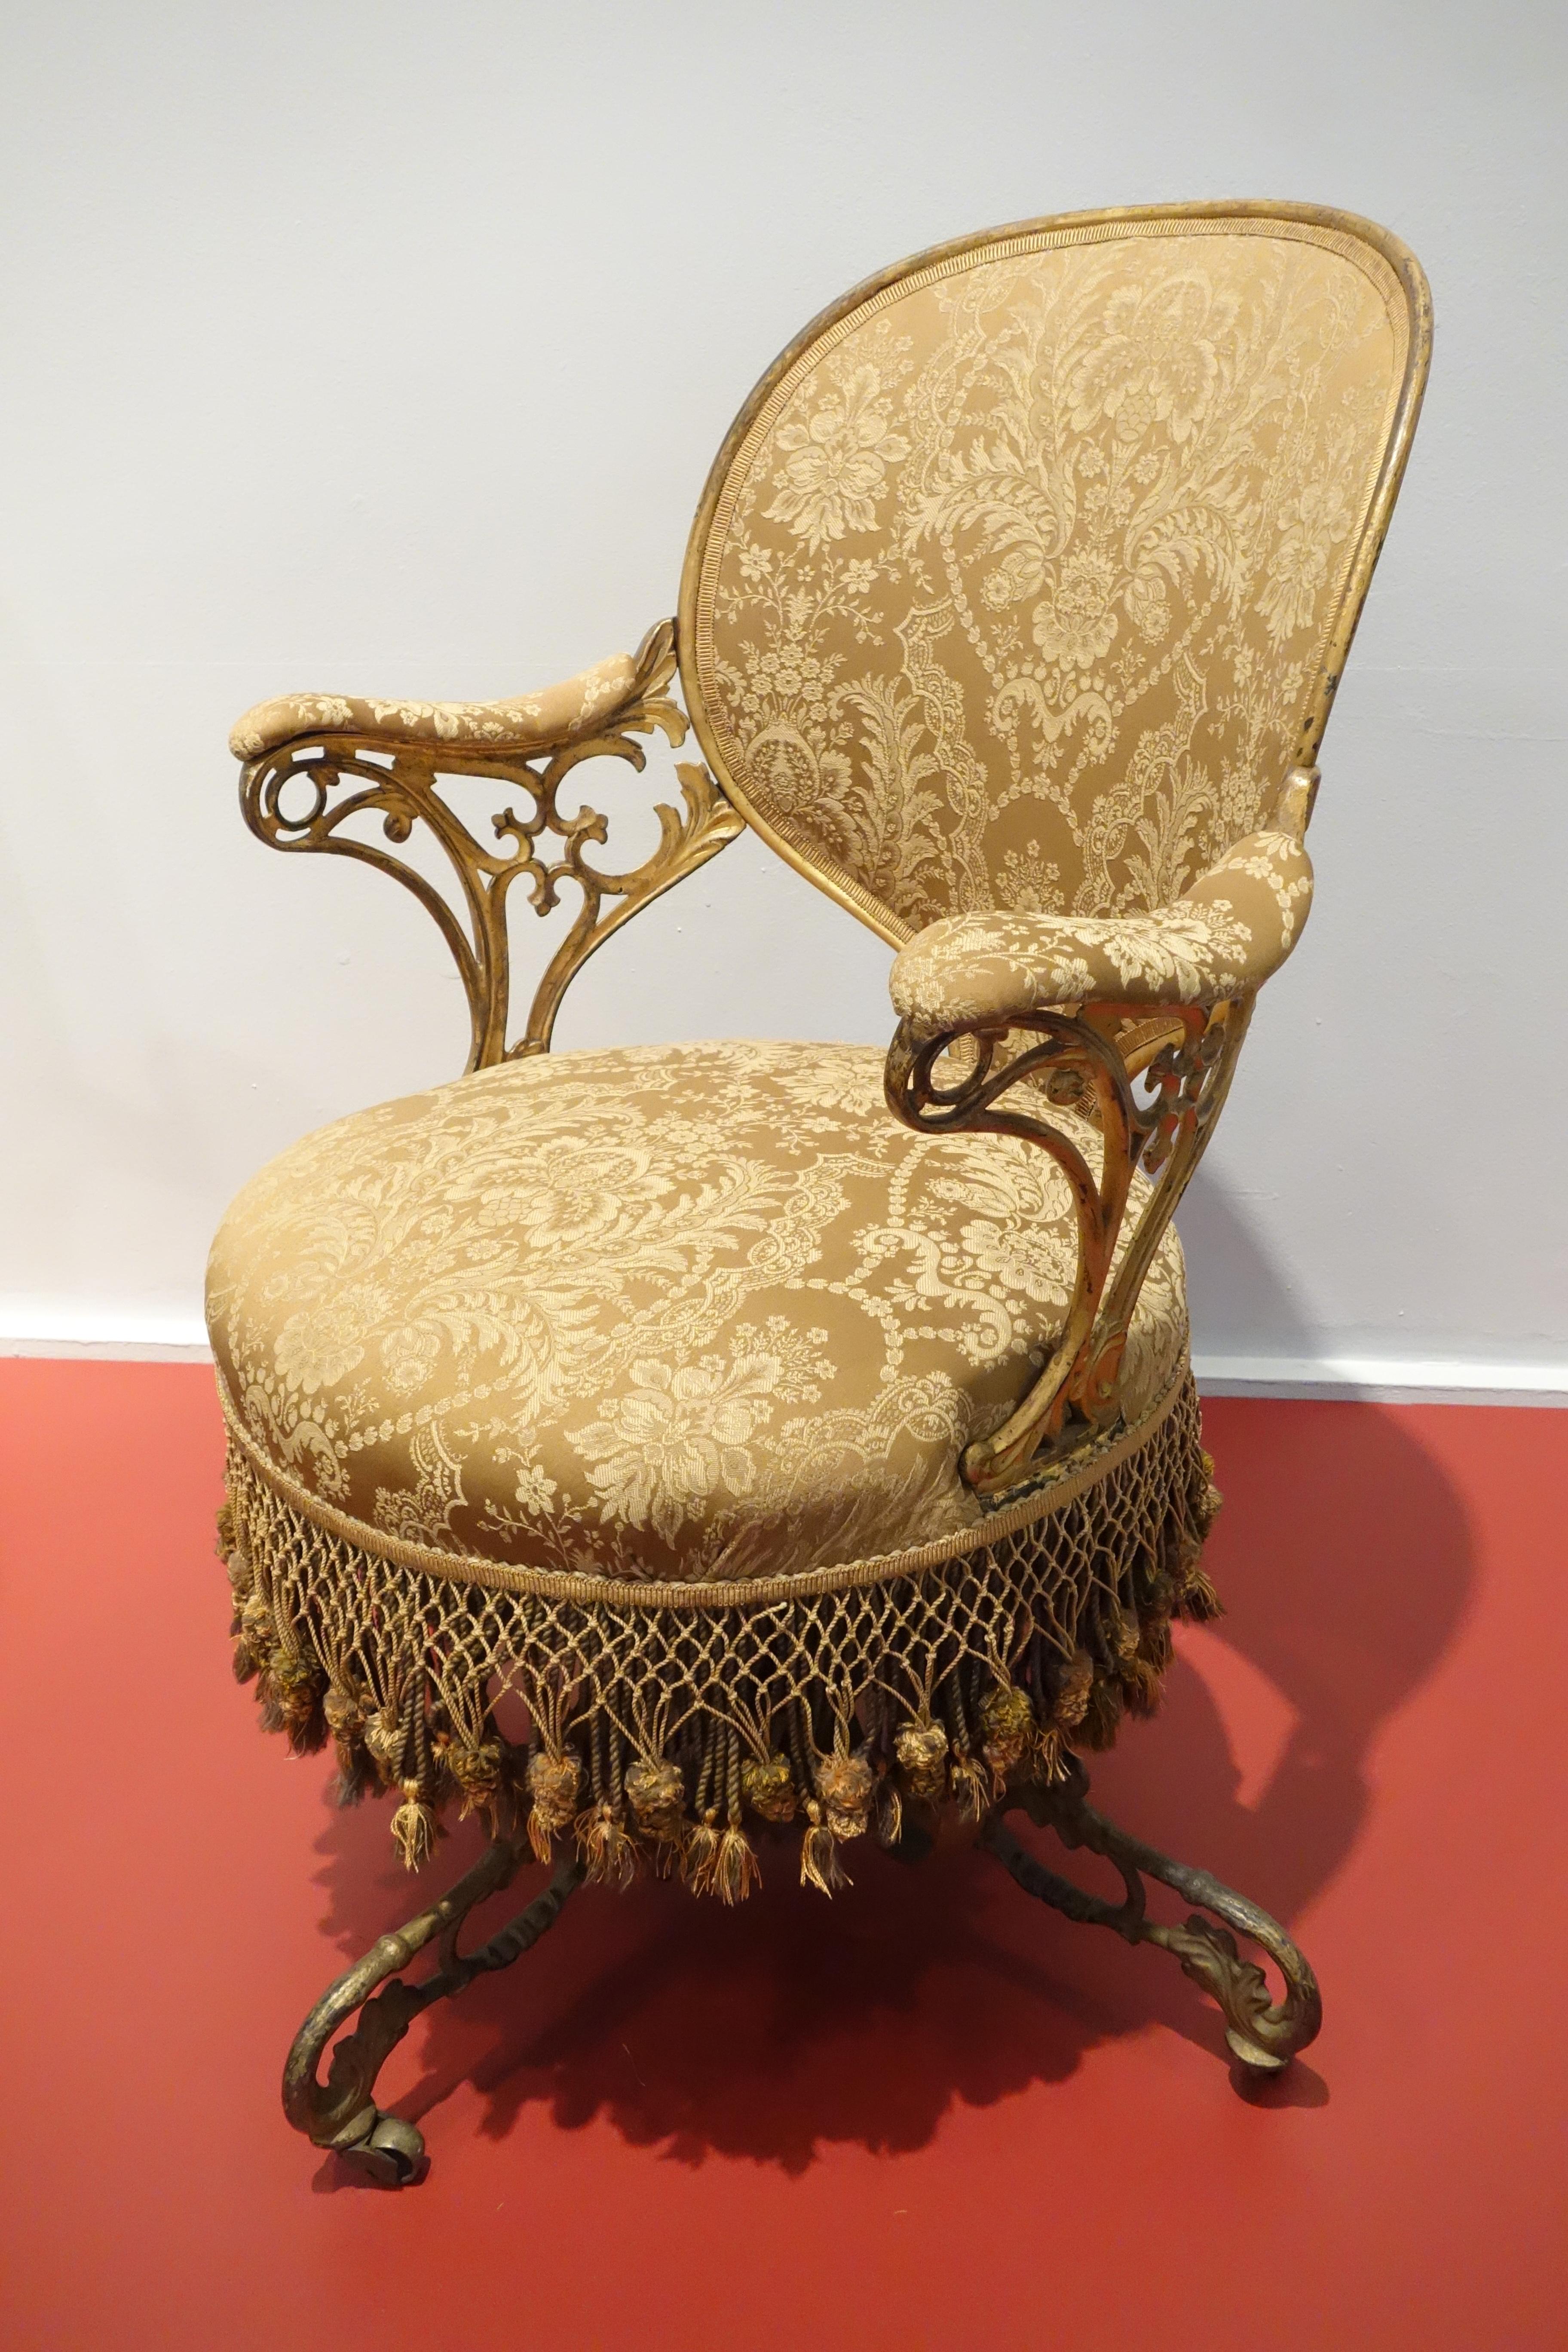 FileCentripetal Spring chair by Thomas E Warren